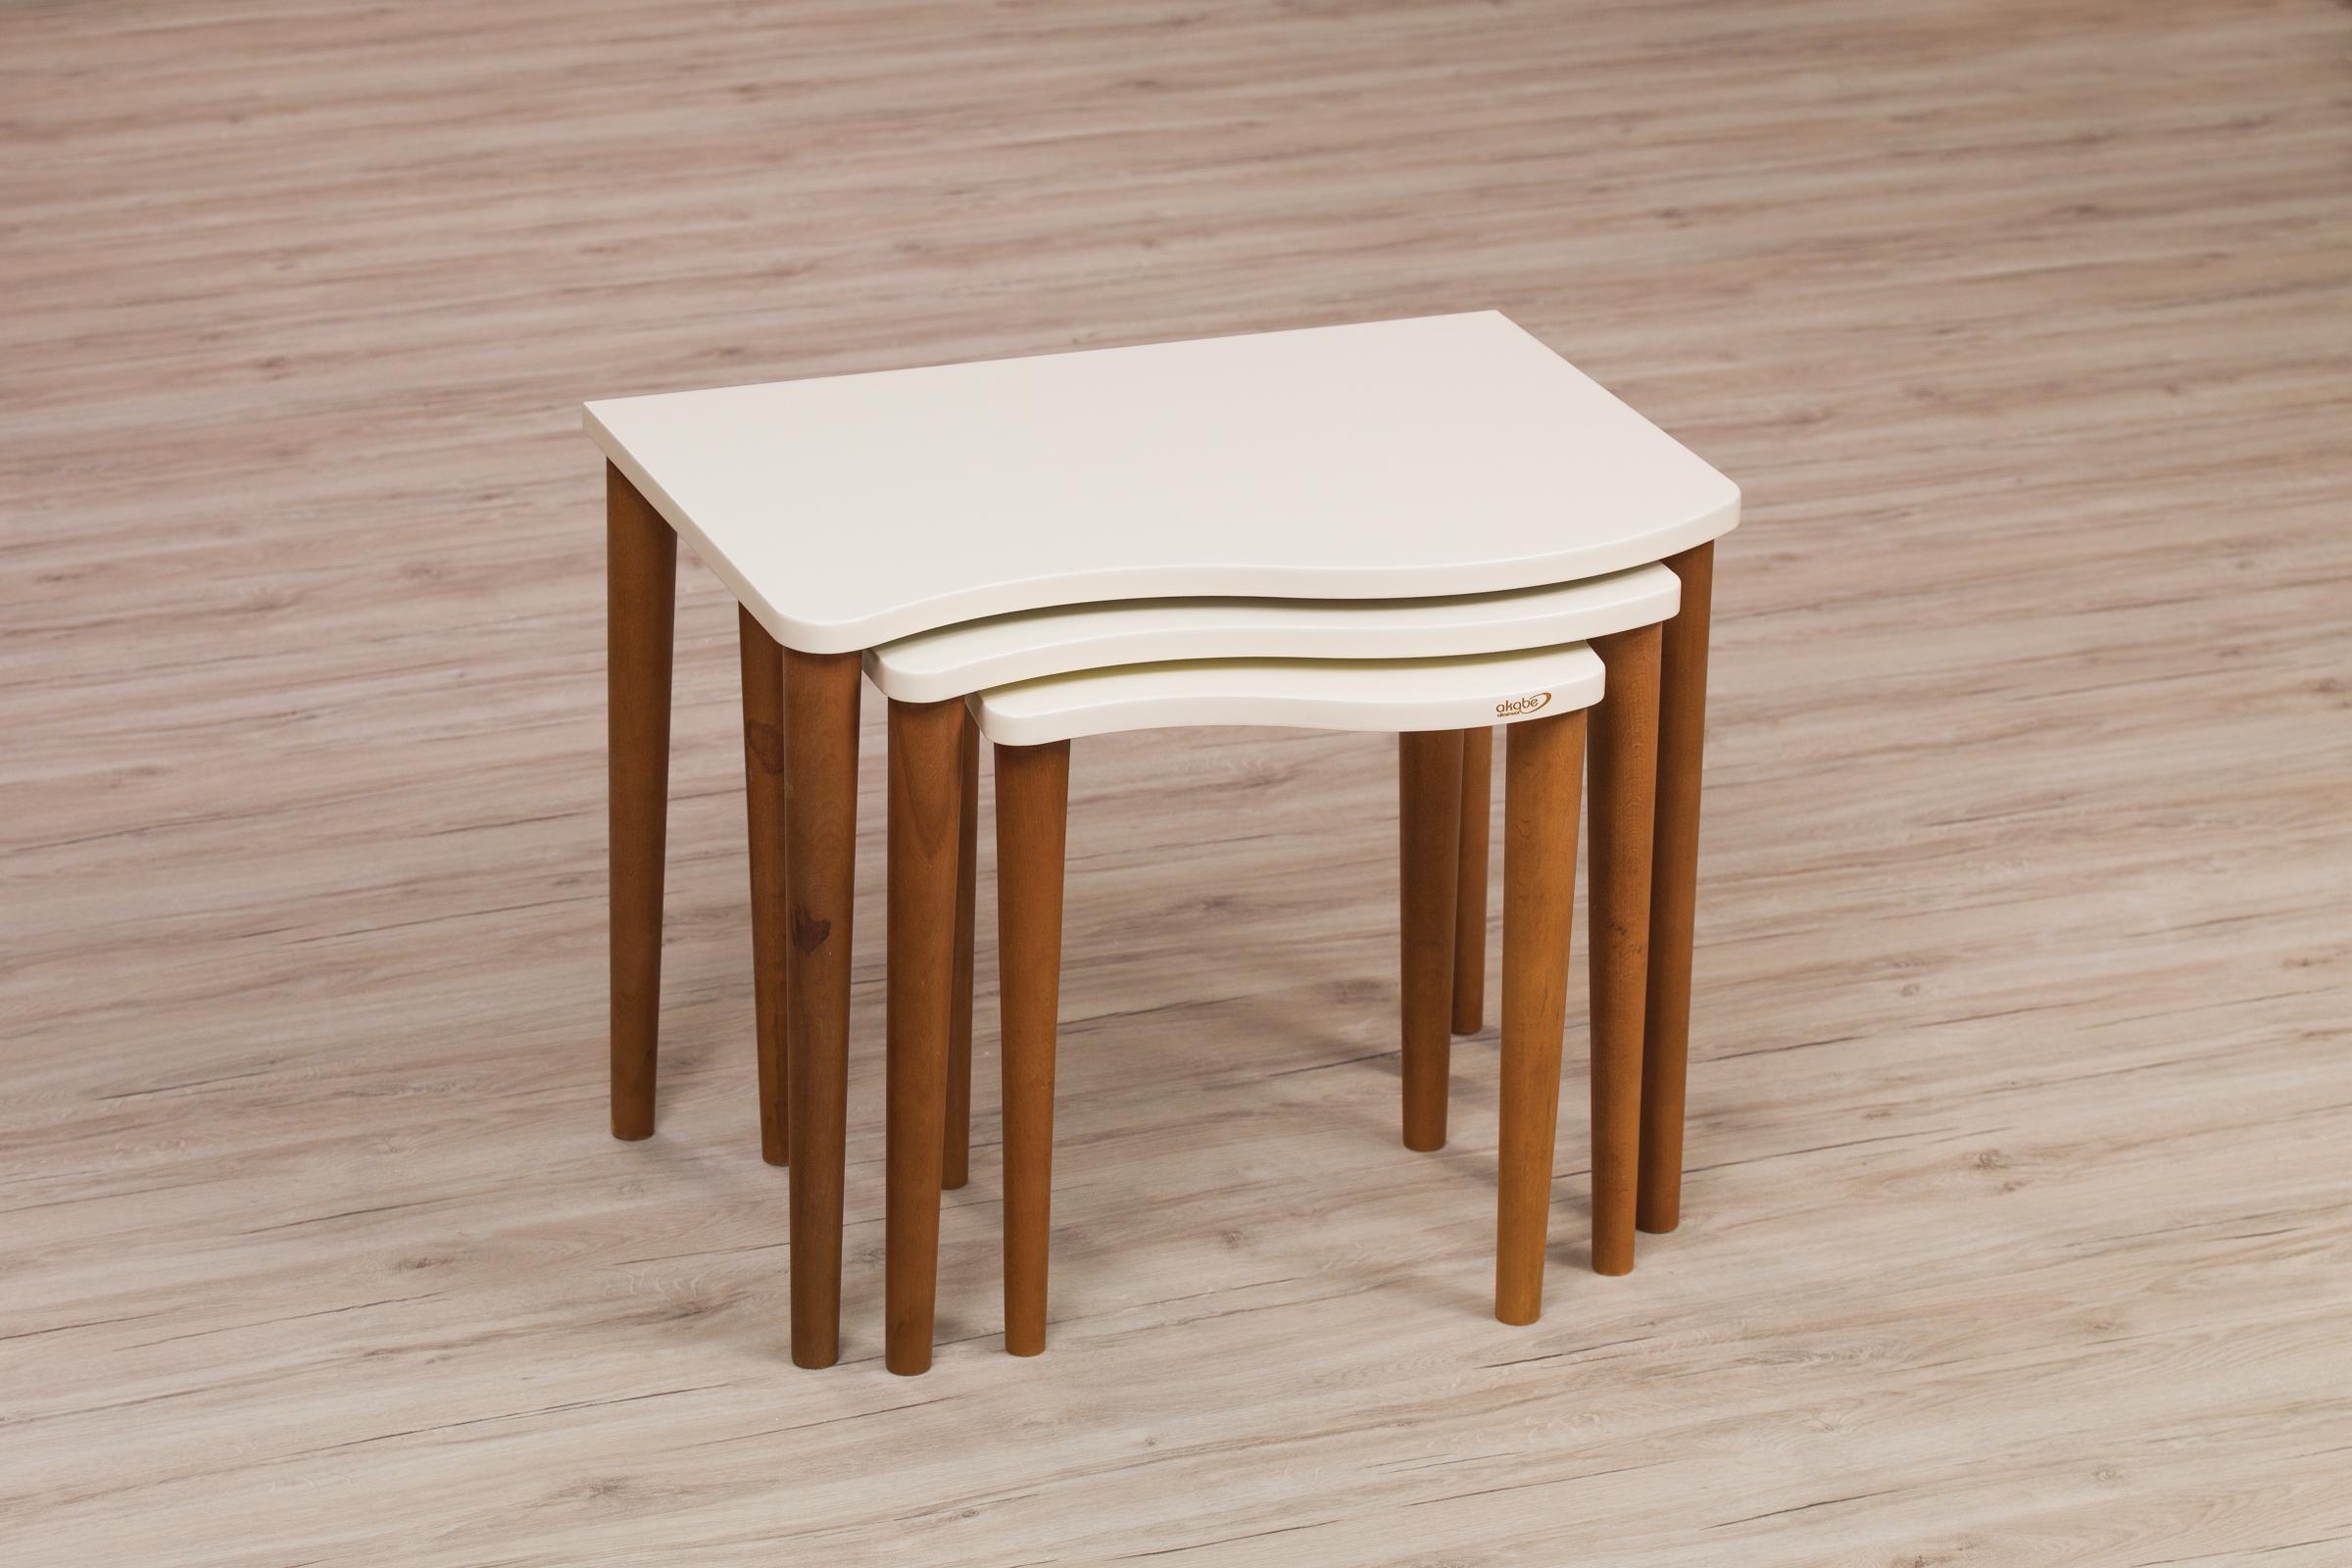 127 COFFE TABLE SET 4 PART